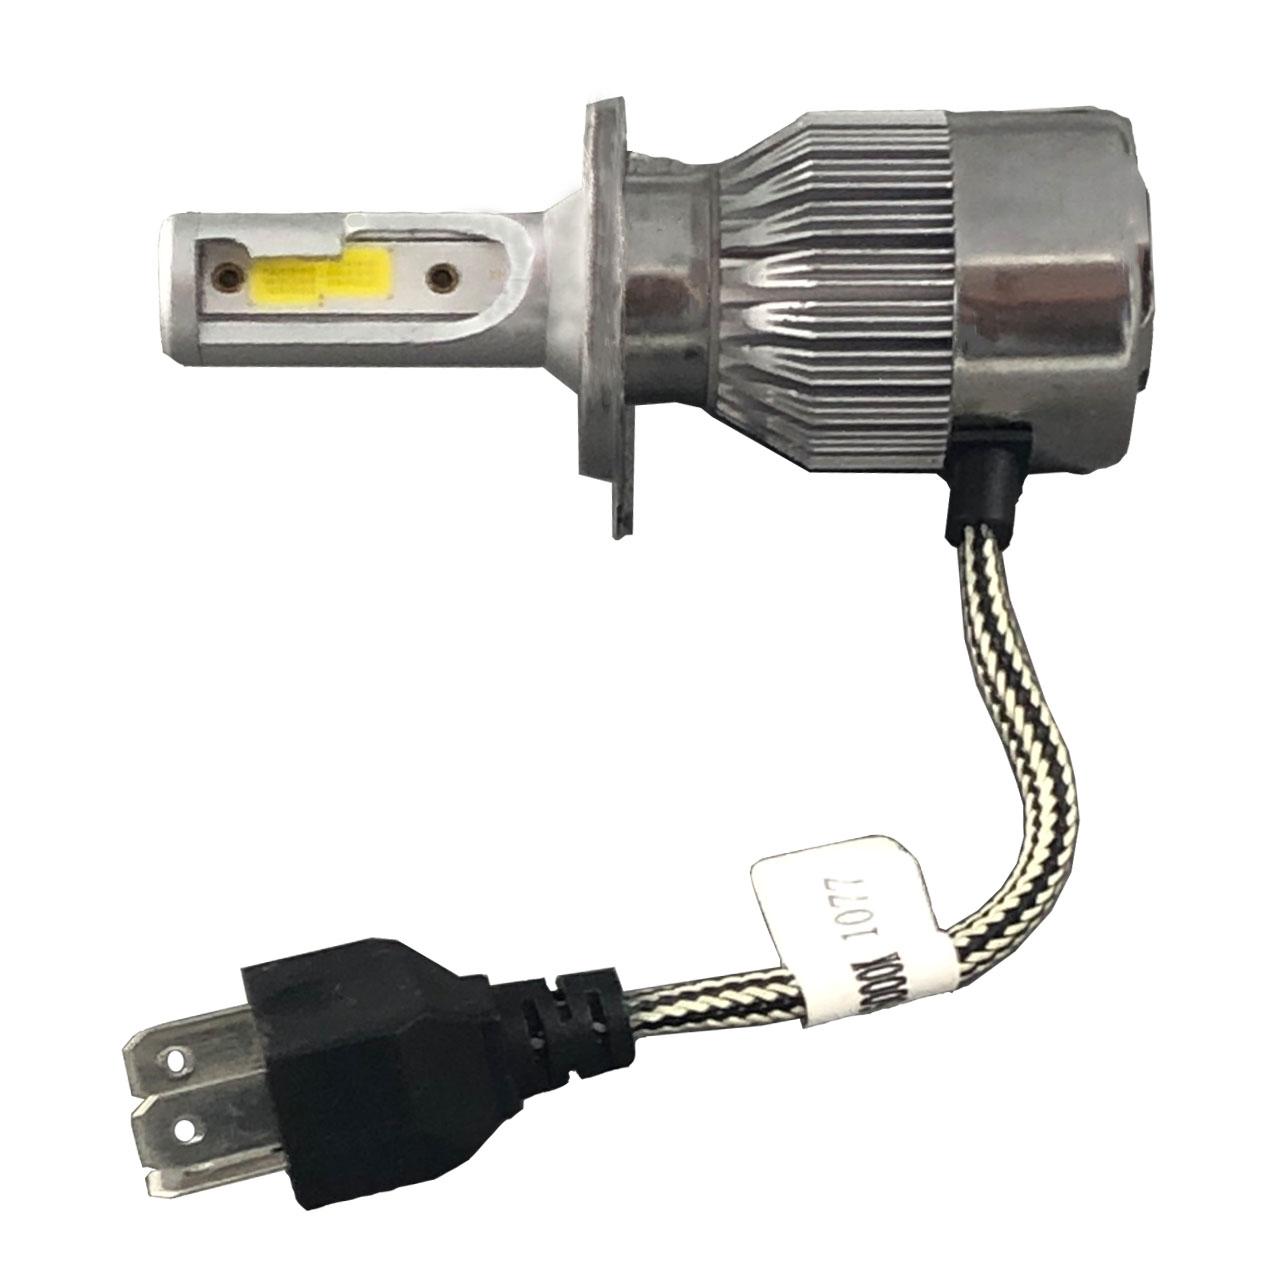 خرید اینترنتی هدلایت لامپ موتور سیکلت مدل TC6